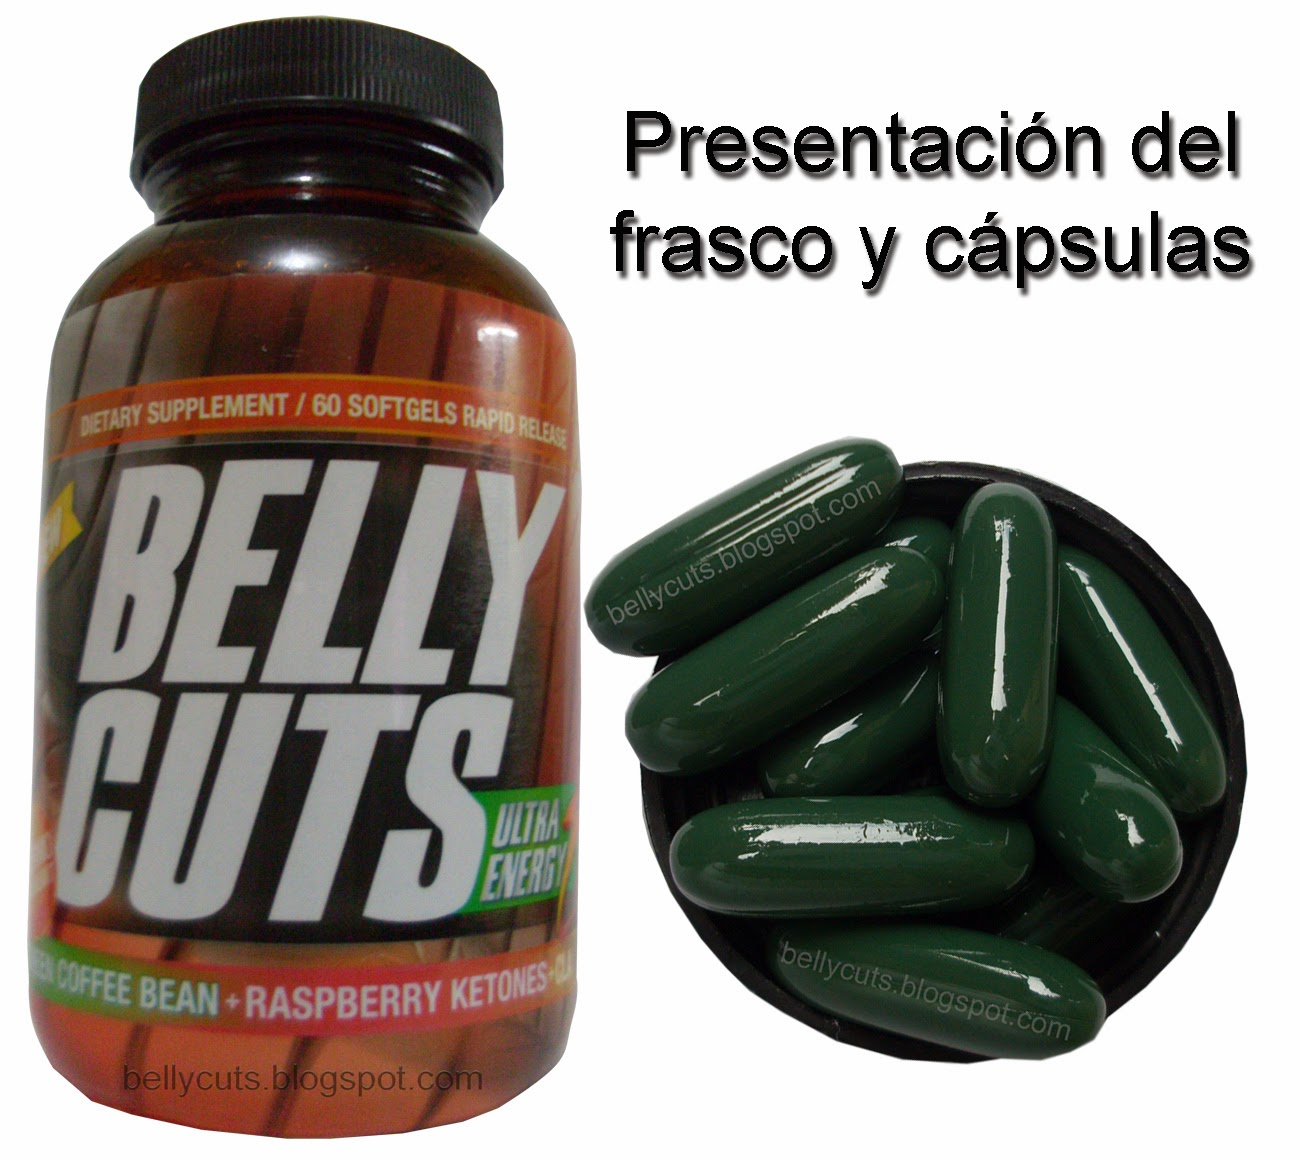 Entre los componentes de Belly Cuts se encuentran: